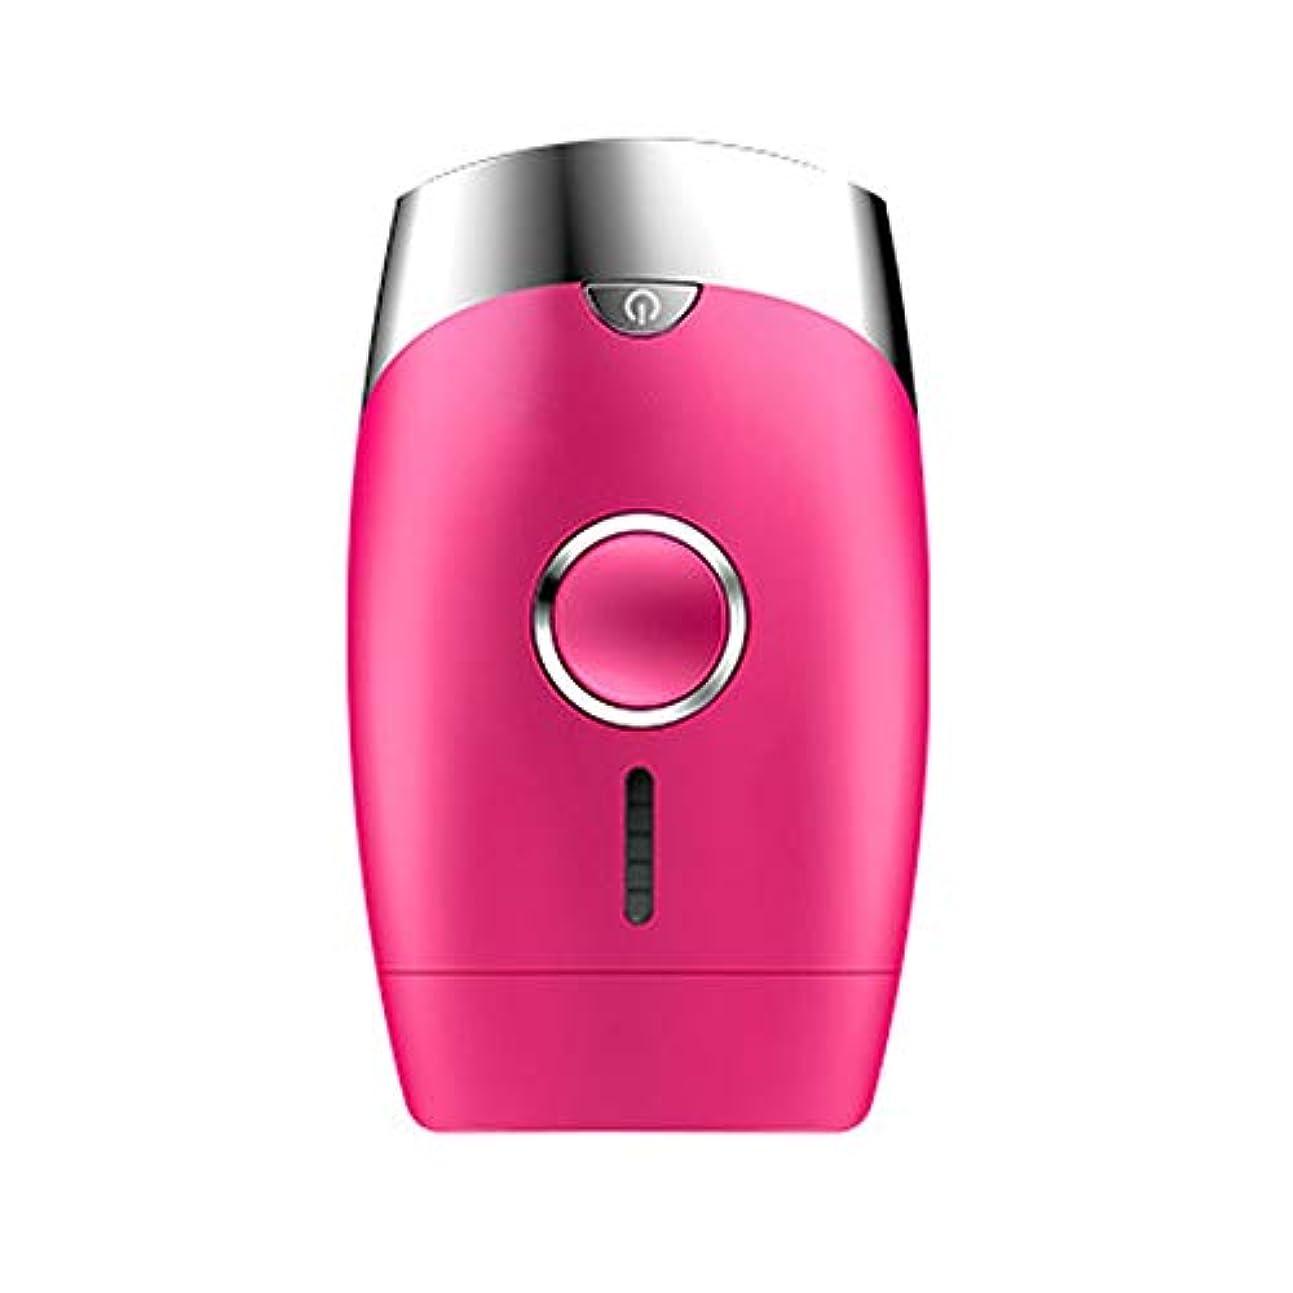 フラスコ怒るプリーツピンク、5スピード調整、インテリジェント家庭用痛みのない凝固点ヘアリムーバー、シングルフラッシュ/連続フラッシュ、サイズ13.9 X 8.3 X 4.8 Cm 快適な脱毛 (Color : Pink)